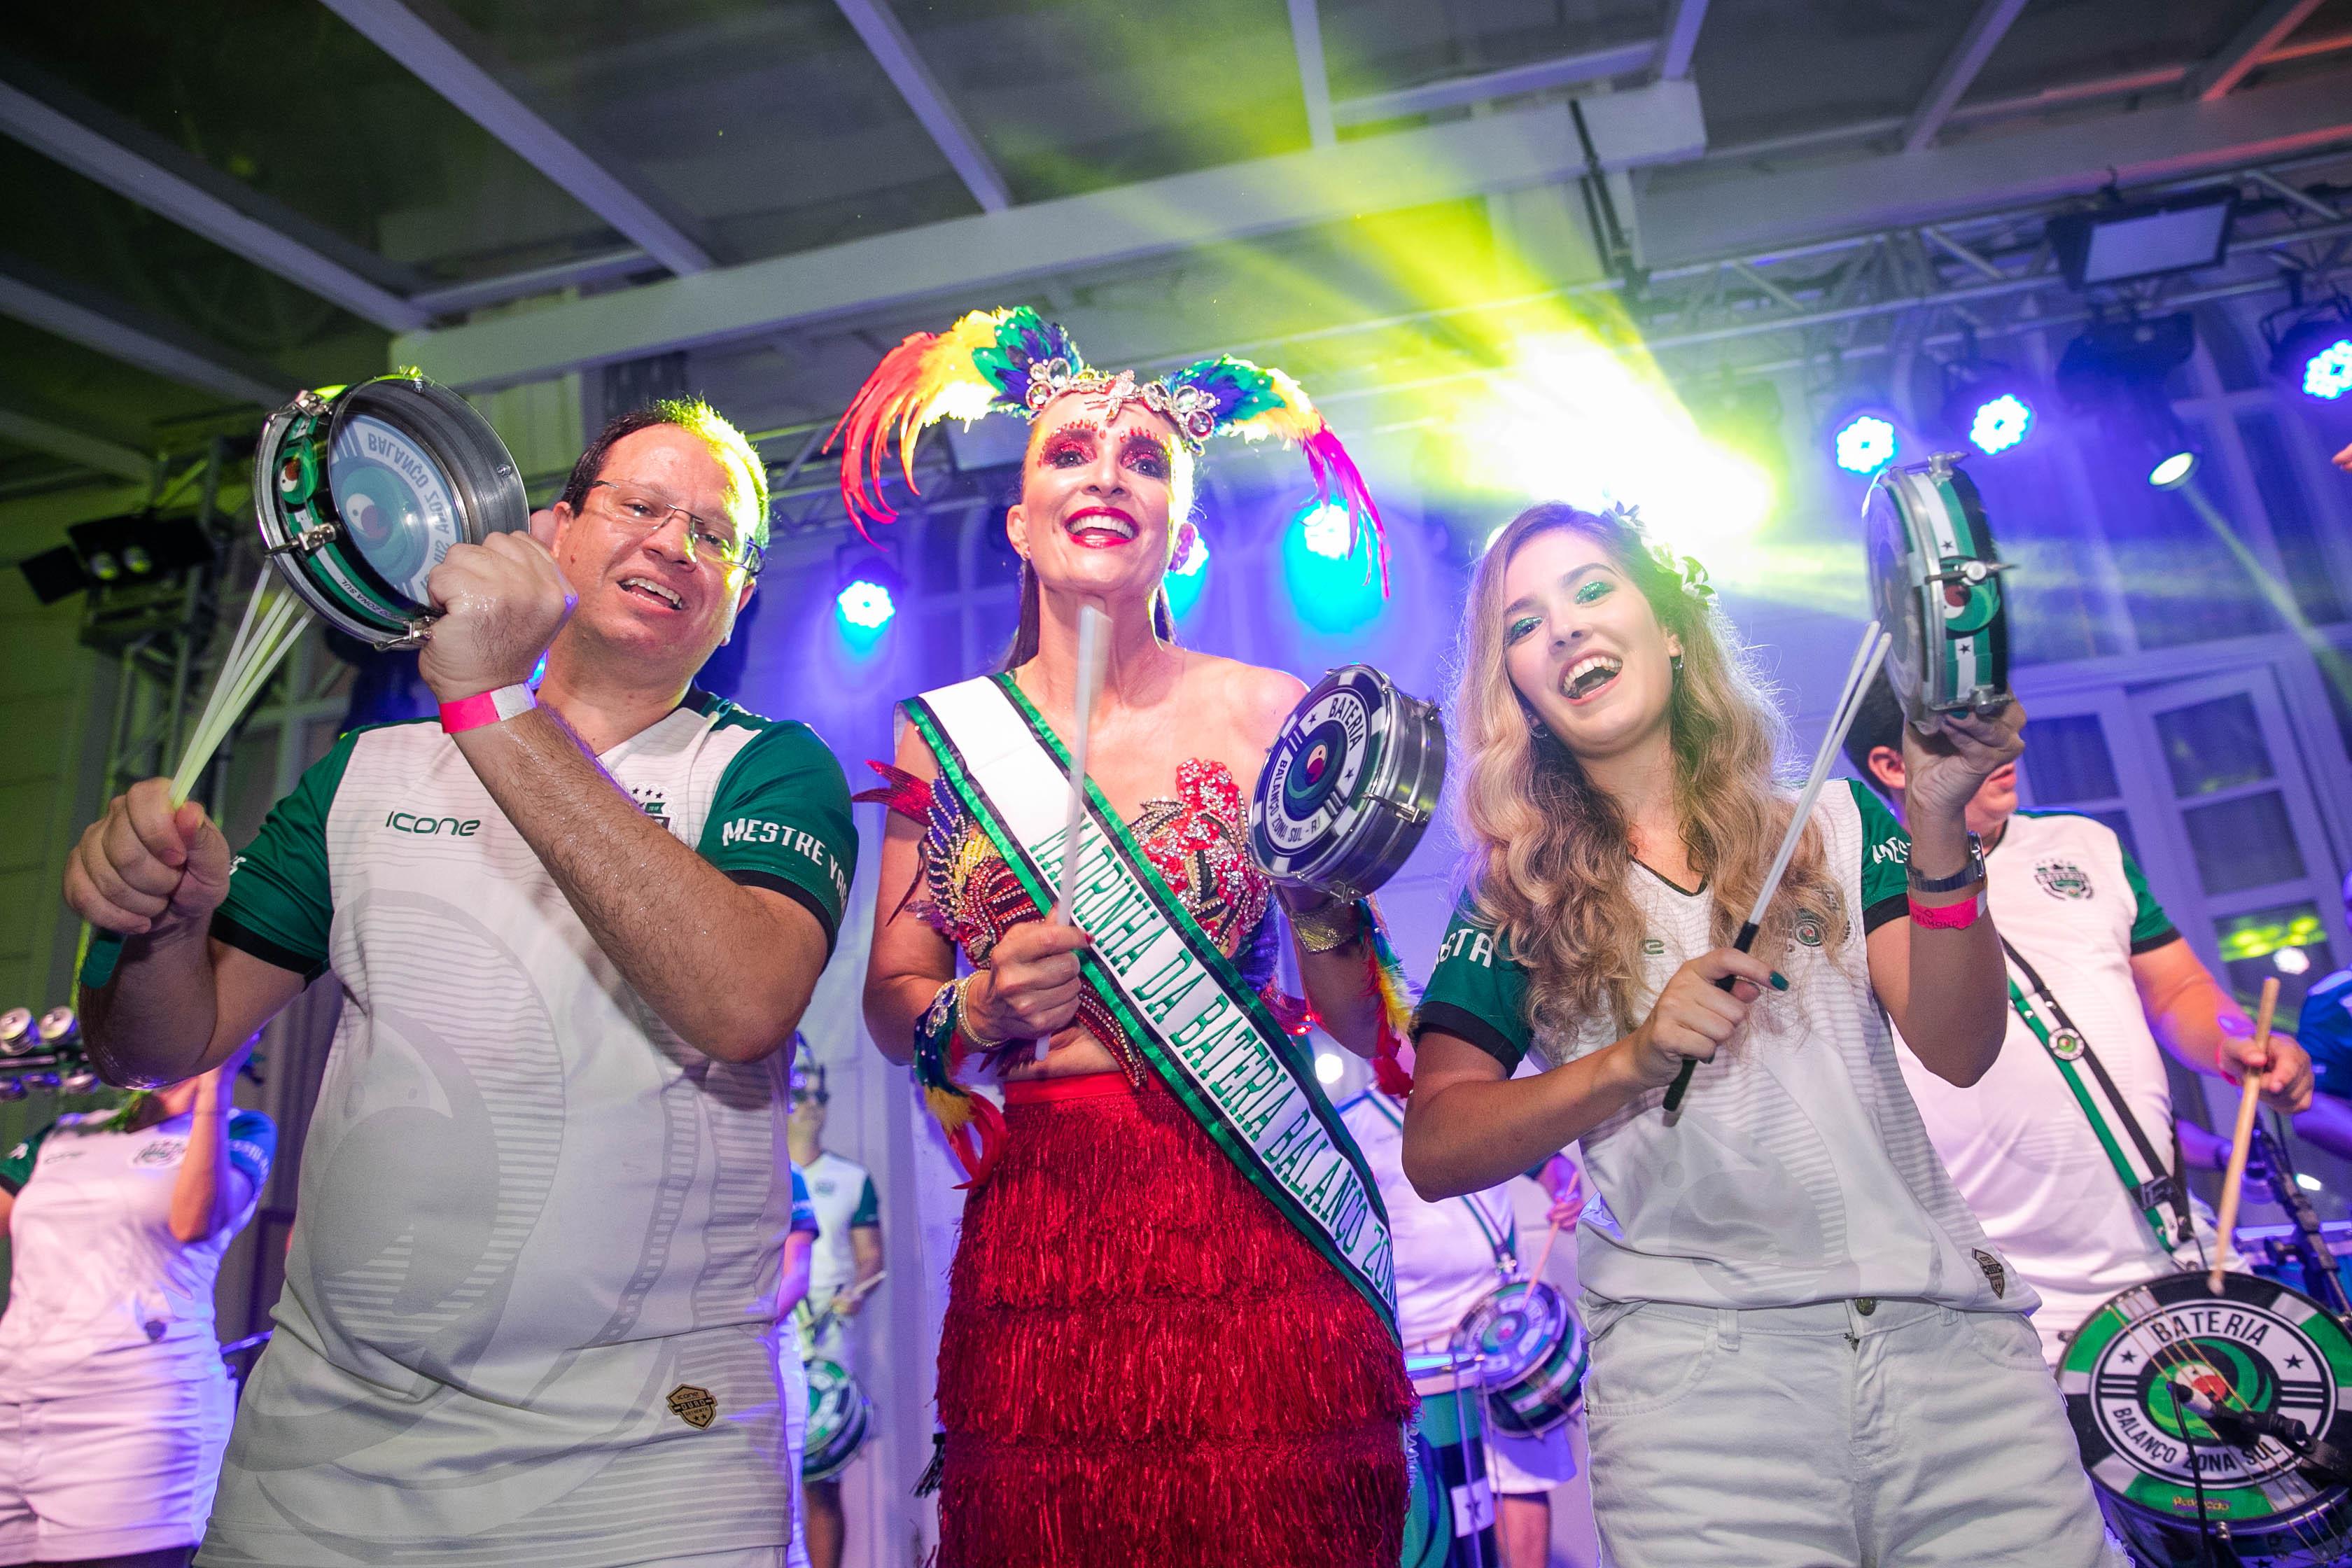 Bloco do Copa serve de esquenta do baile de Carnaval mais badalado do Rio de Janeiro